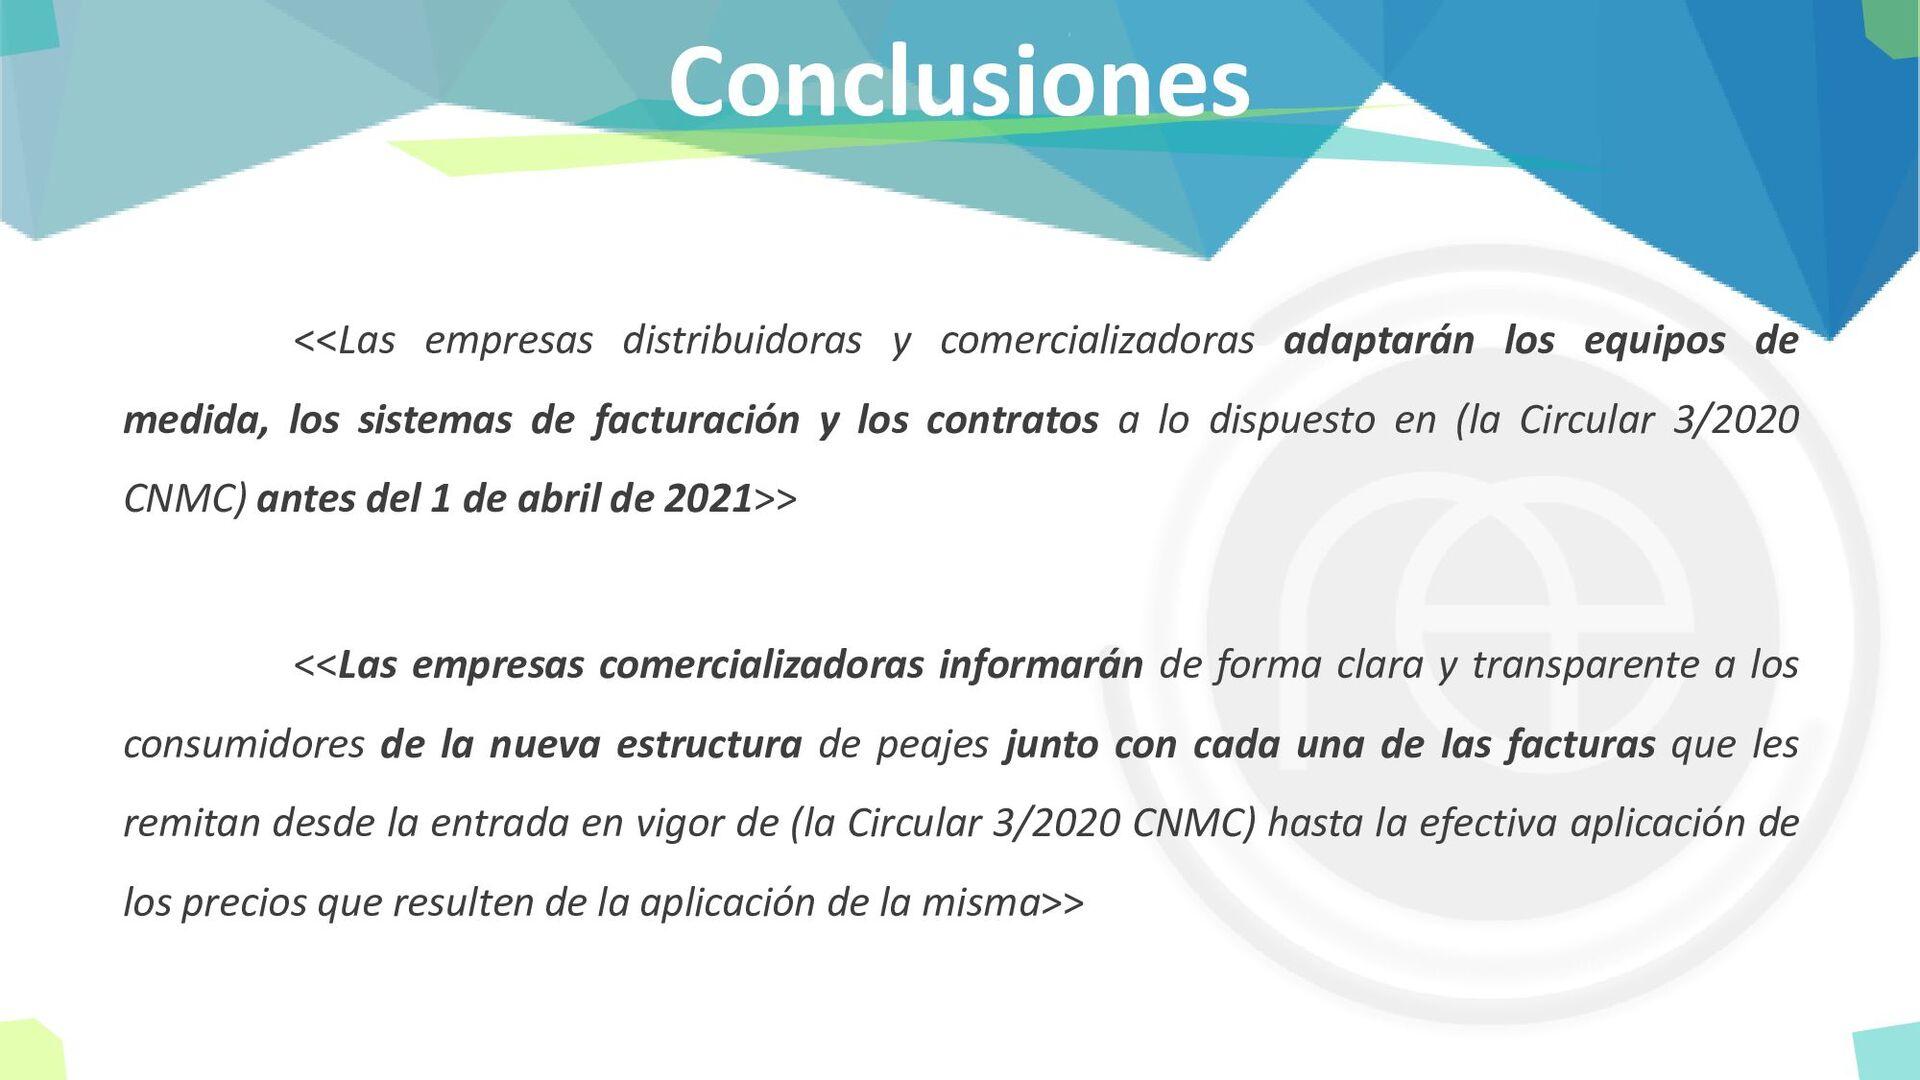 Conclusiones <<Las empresas distribuidoras y co...